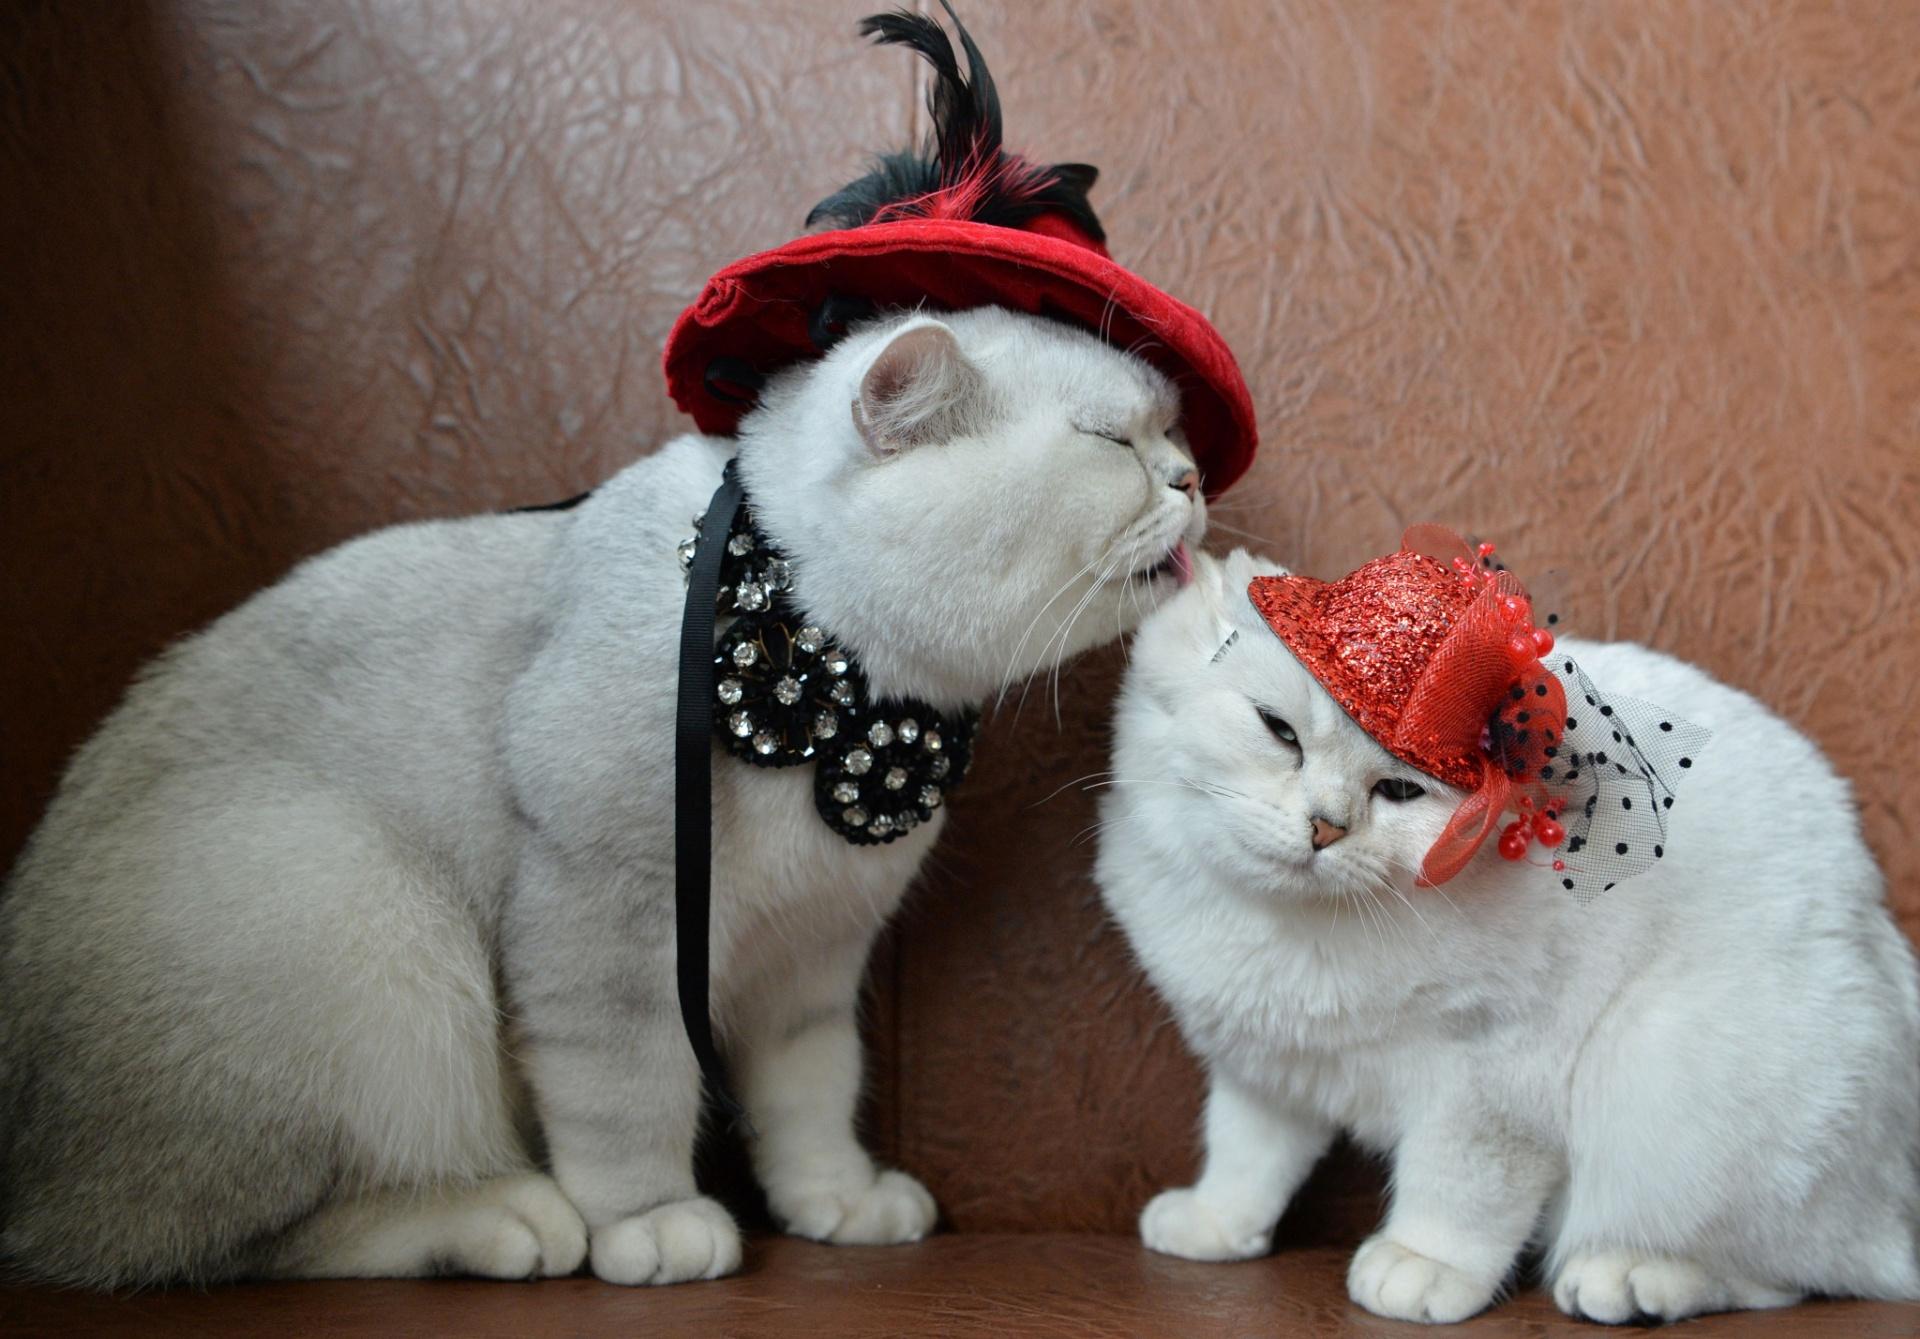 16.out.2016 - Dois gatos escoceses de pelo curto foram enfeitados com acessórios e chapéus para tiraram fotos do